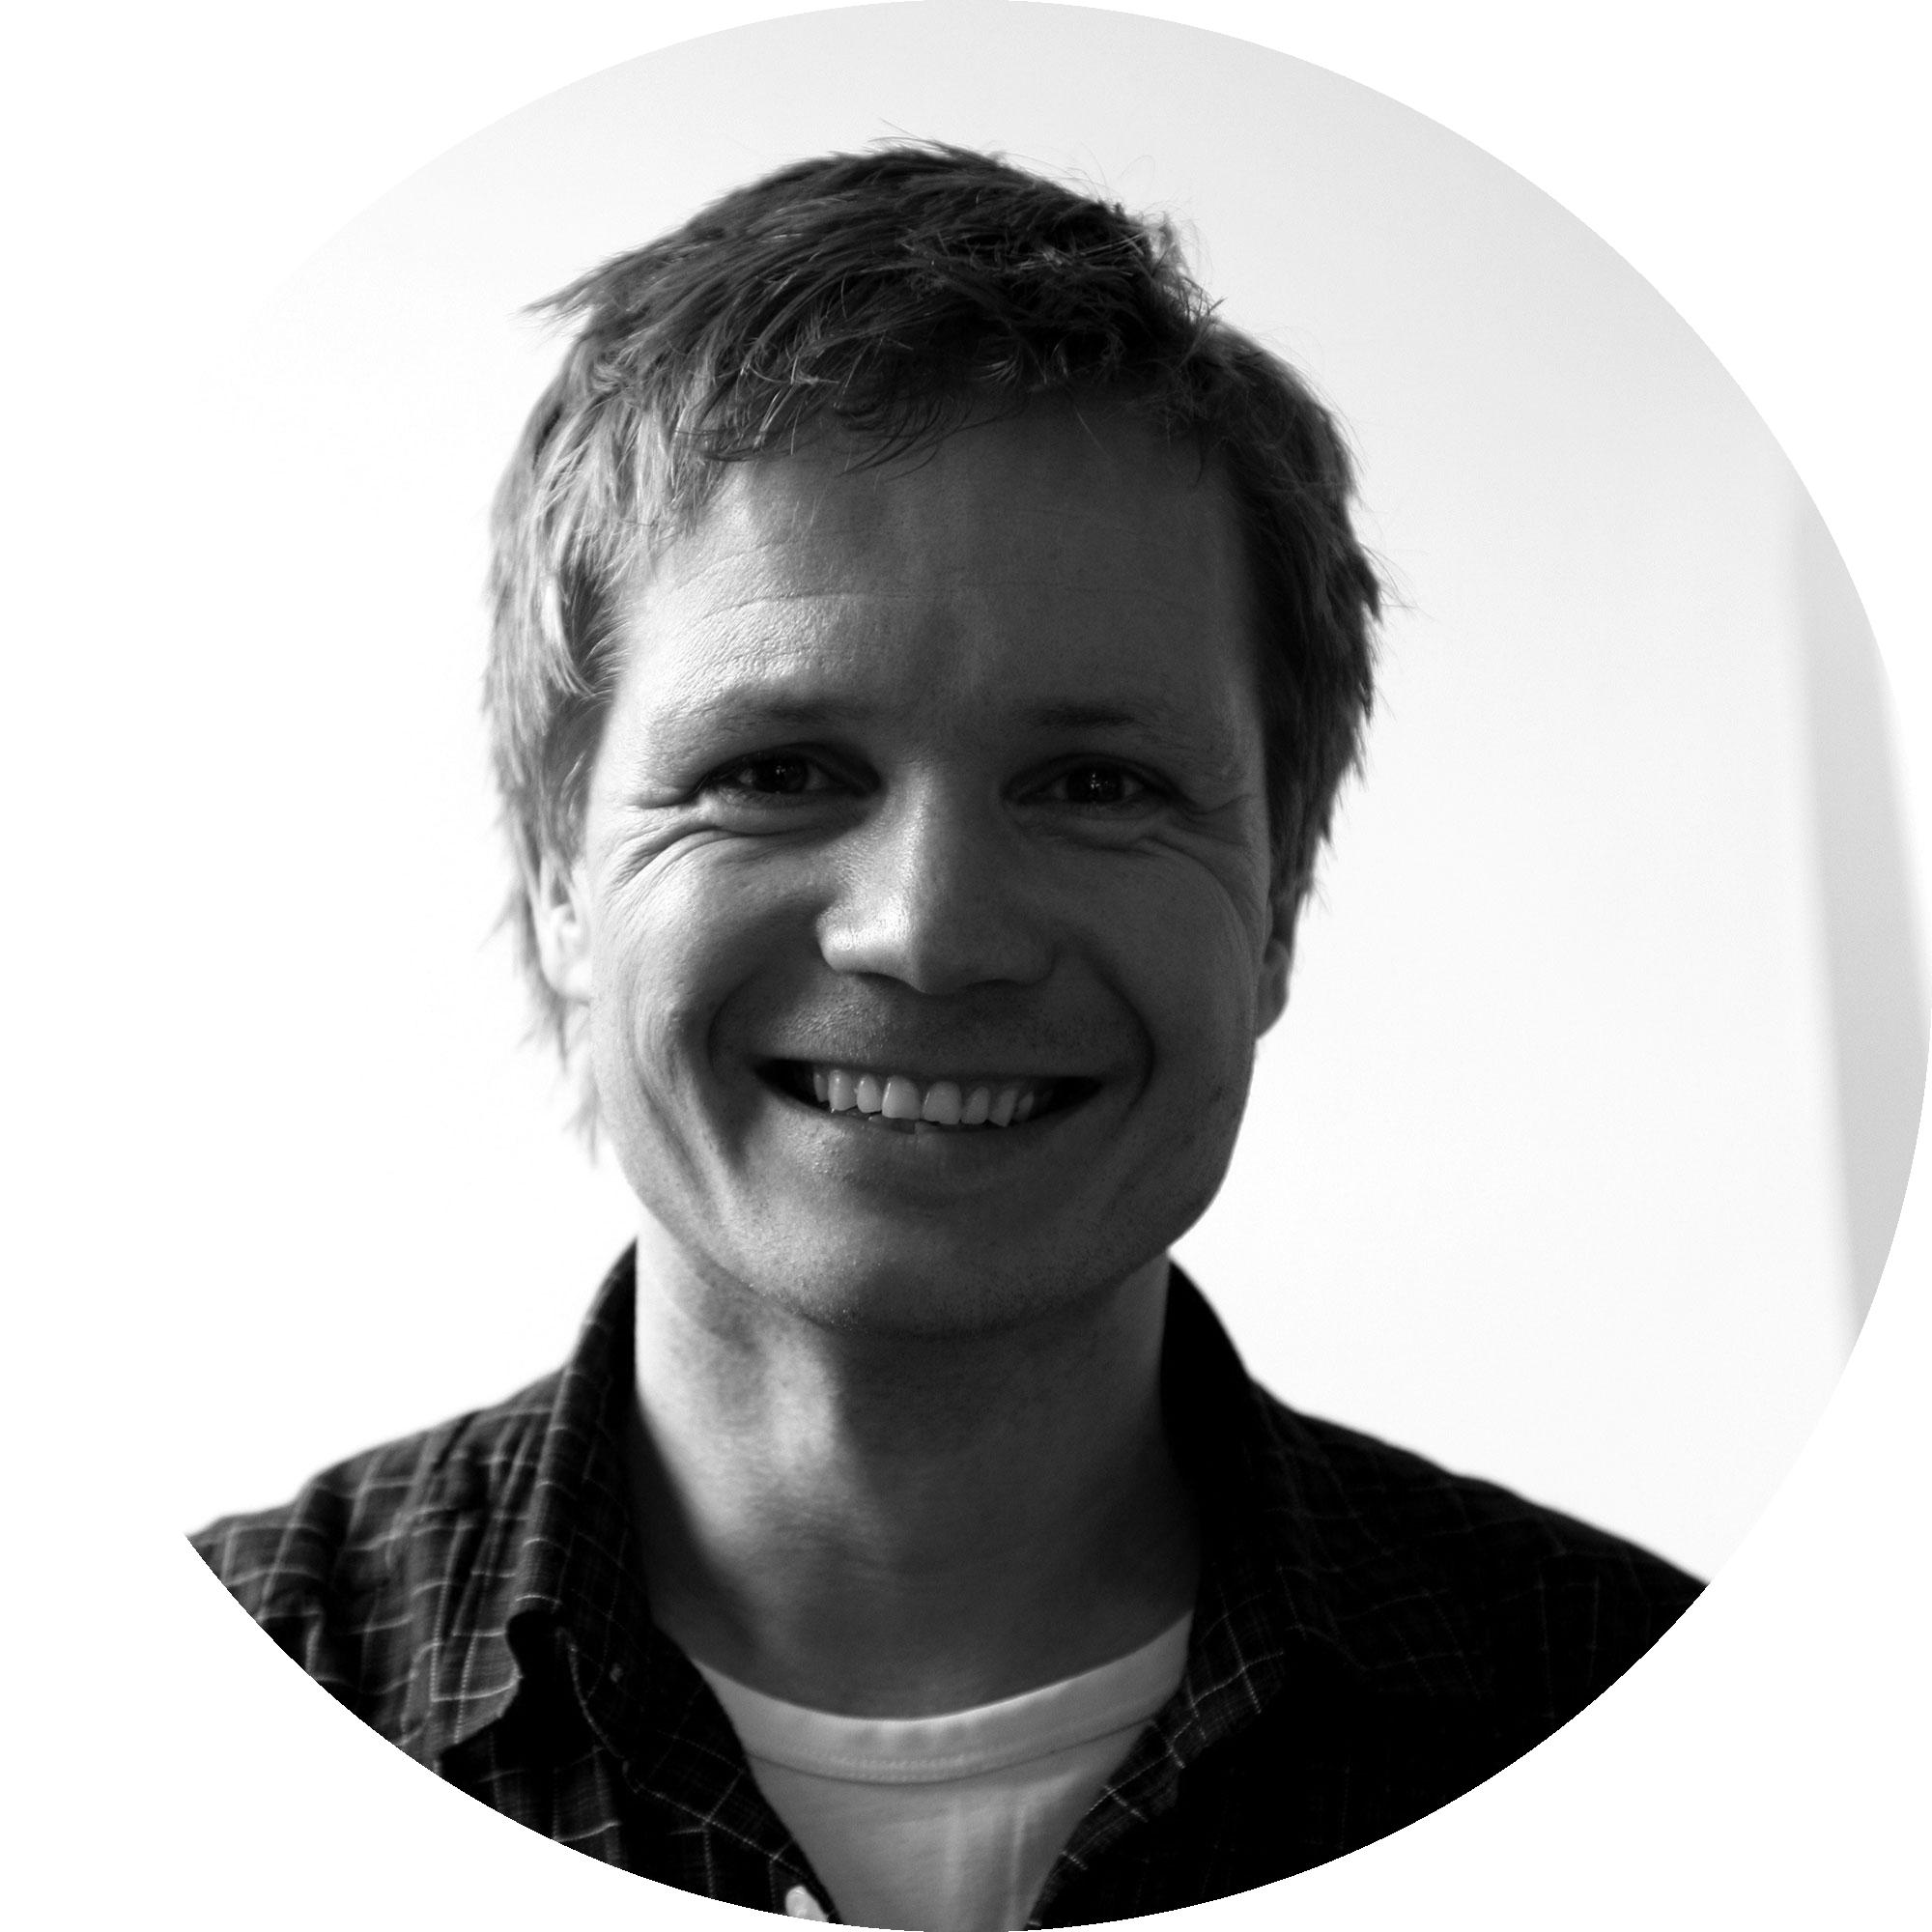 Øyvind Torseter